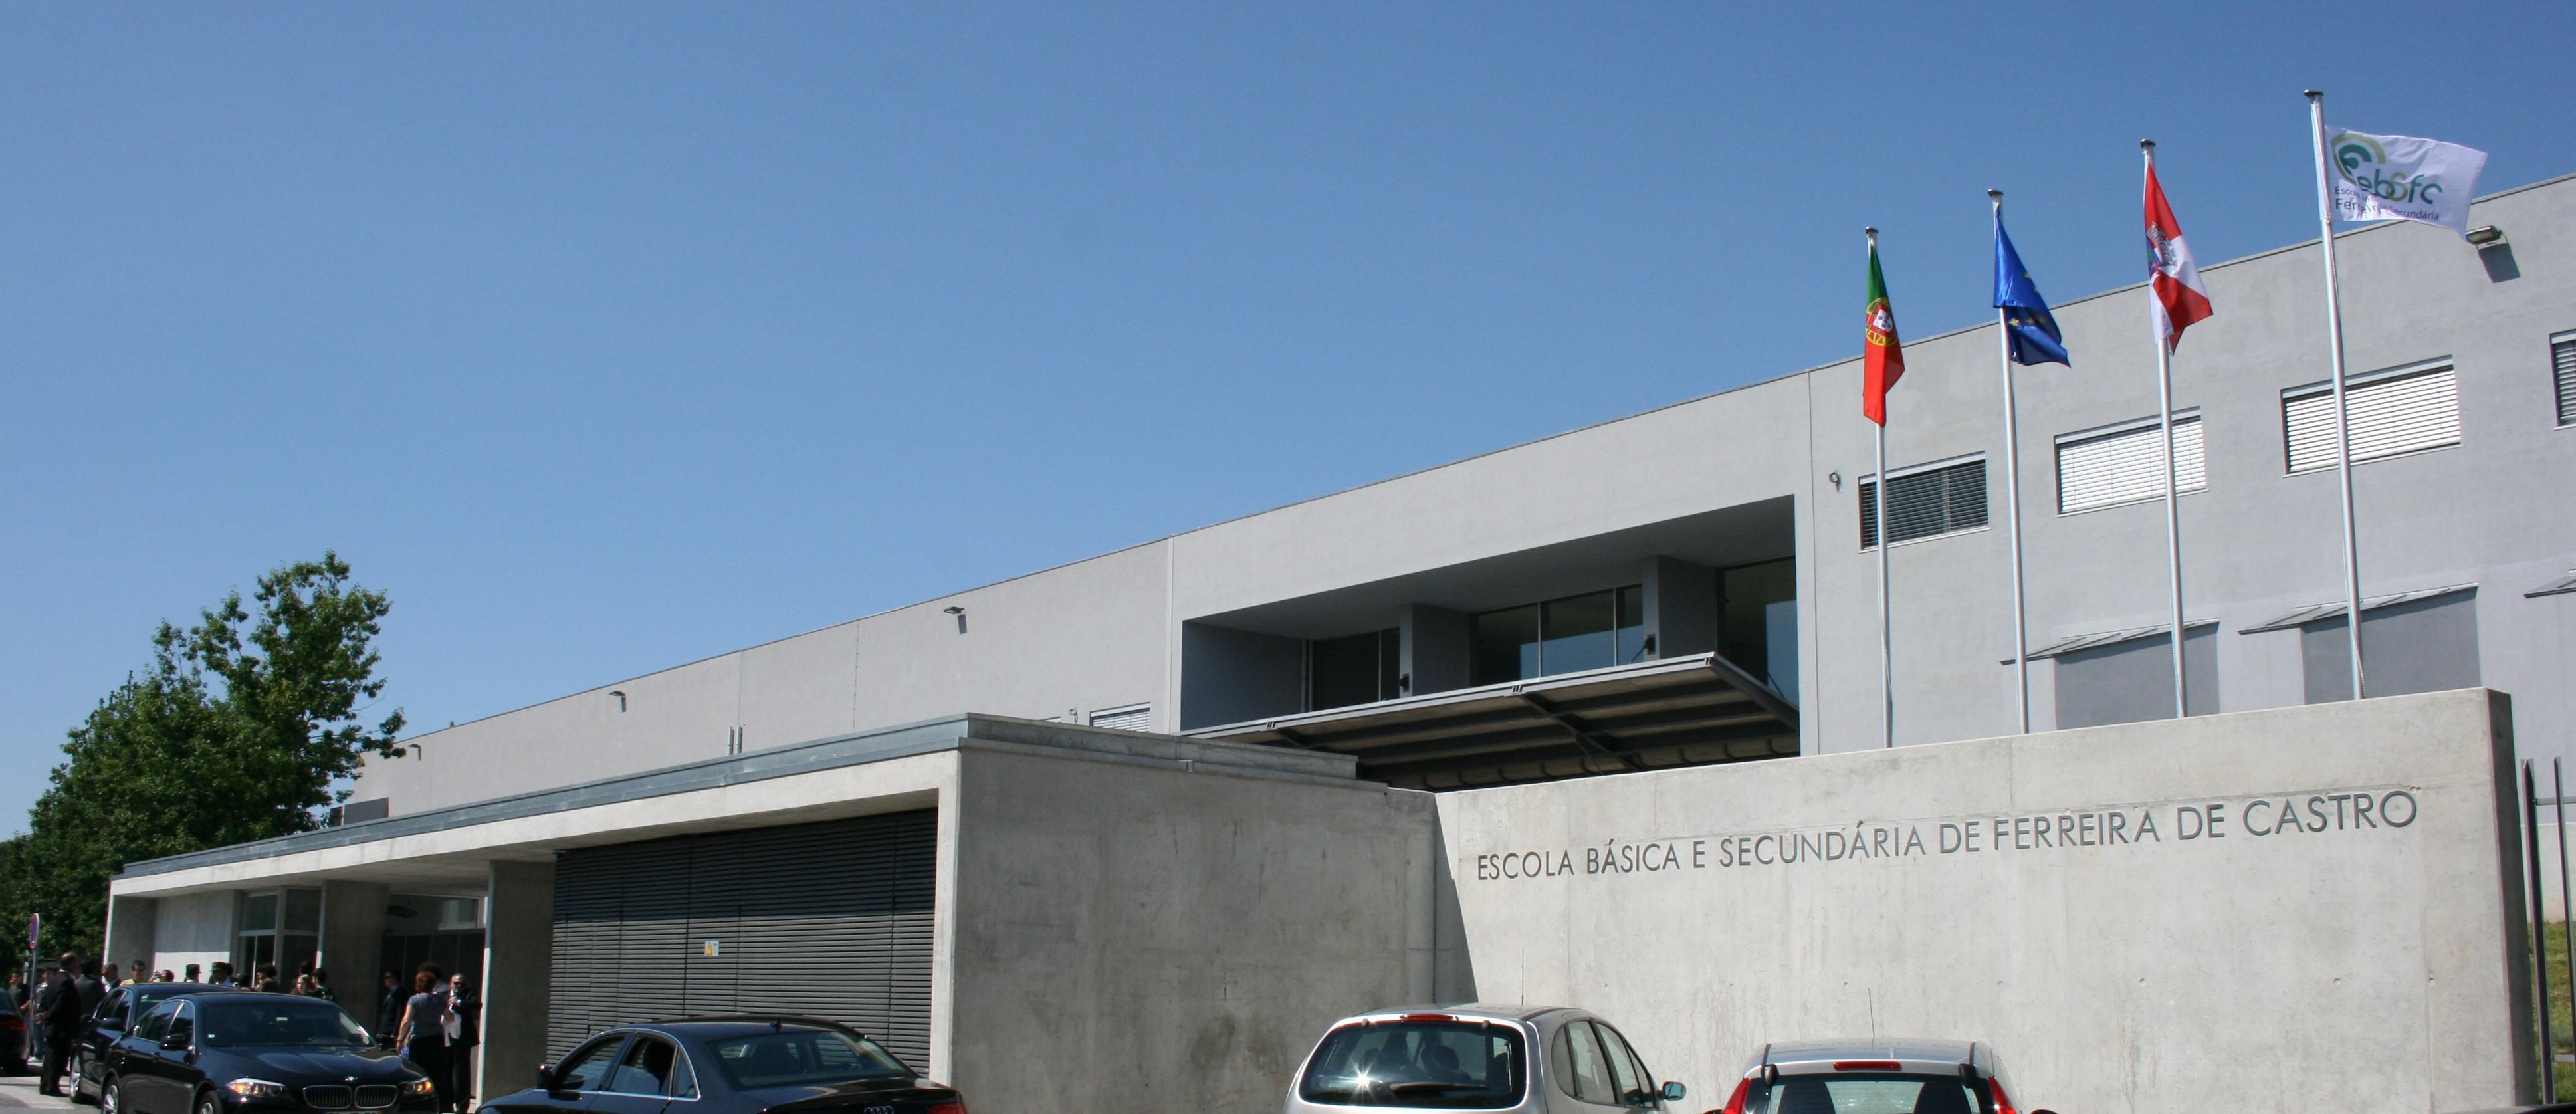 Escola básica e secundária Ferreira de Castro